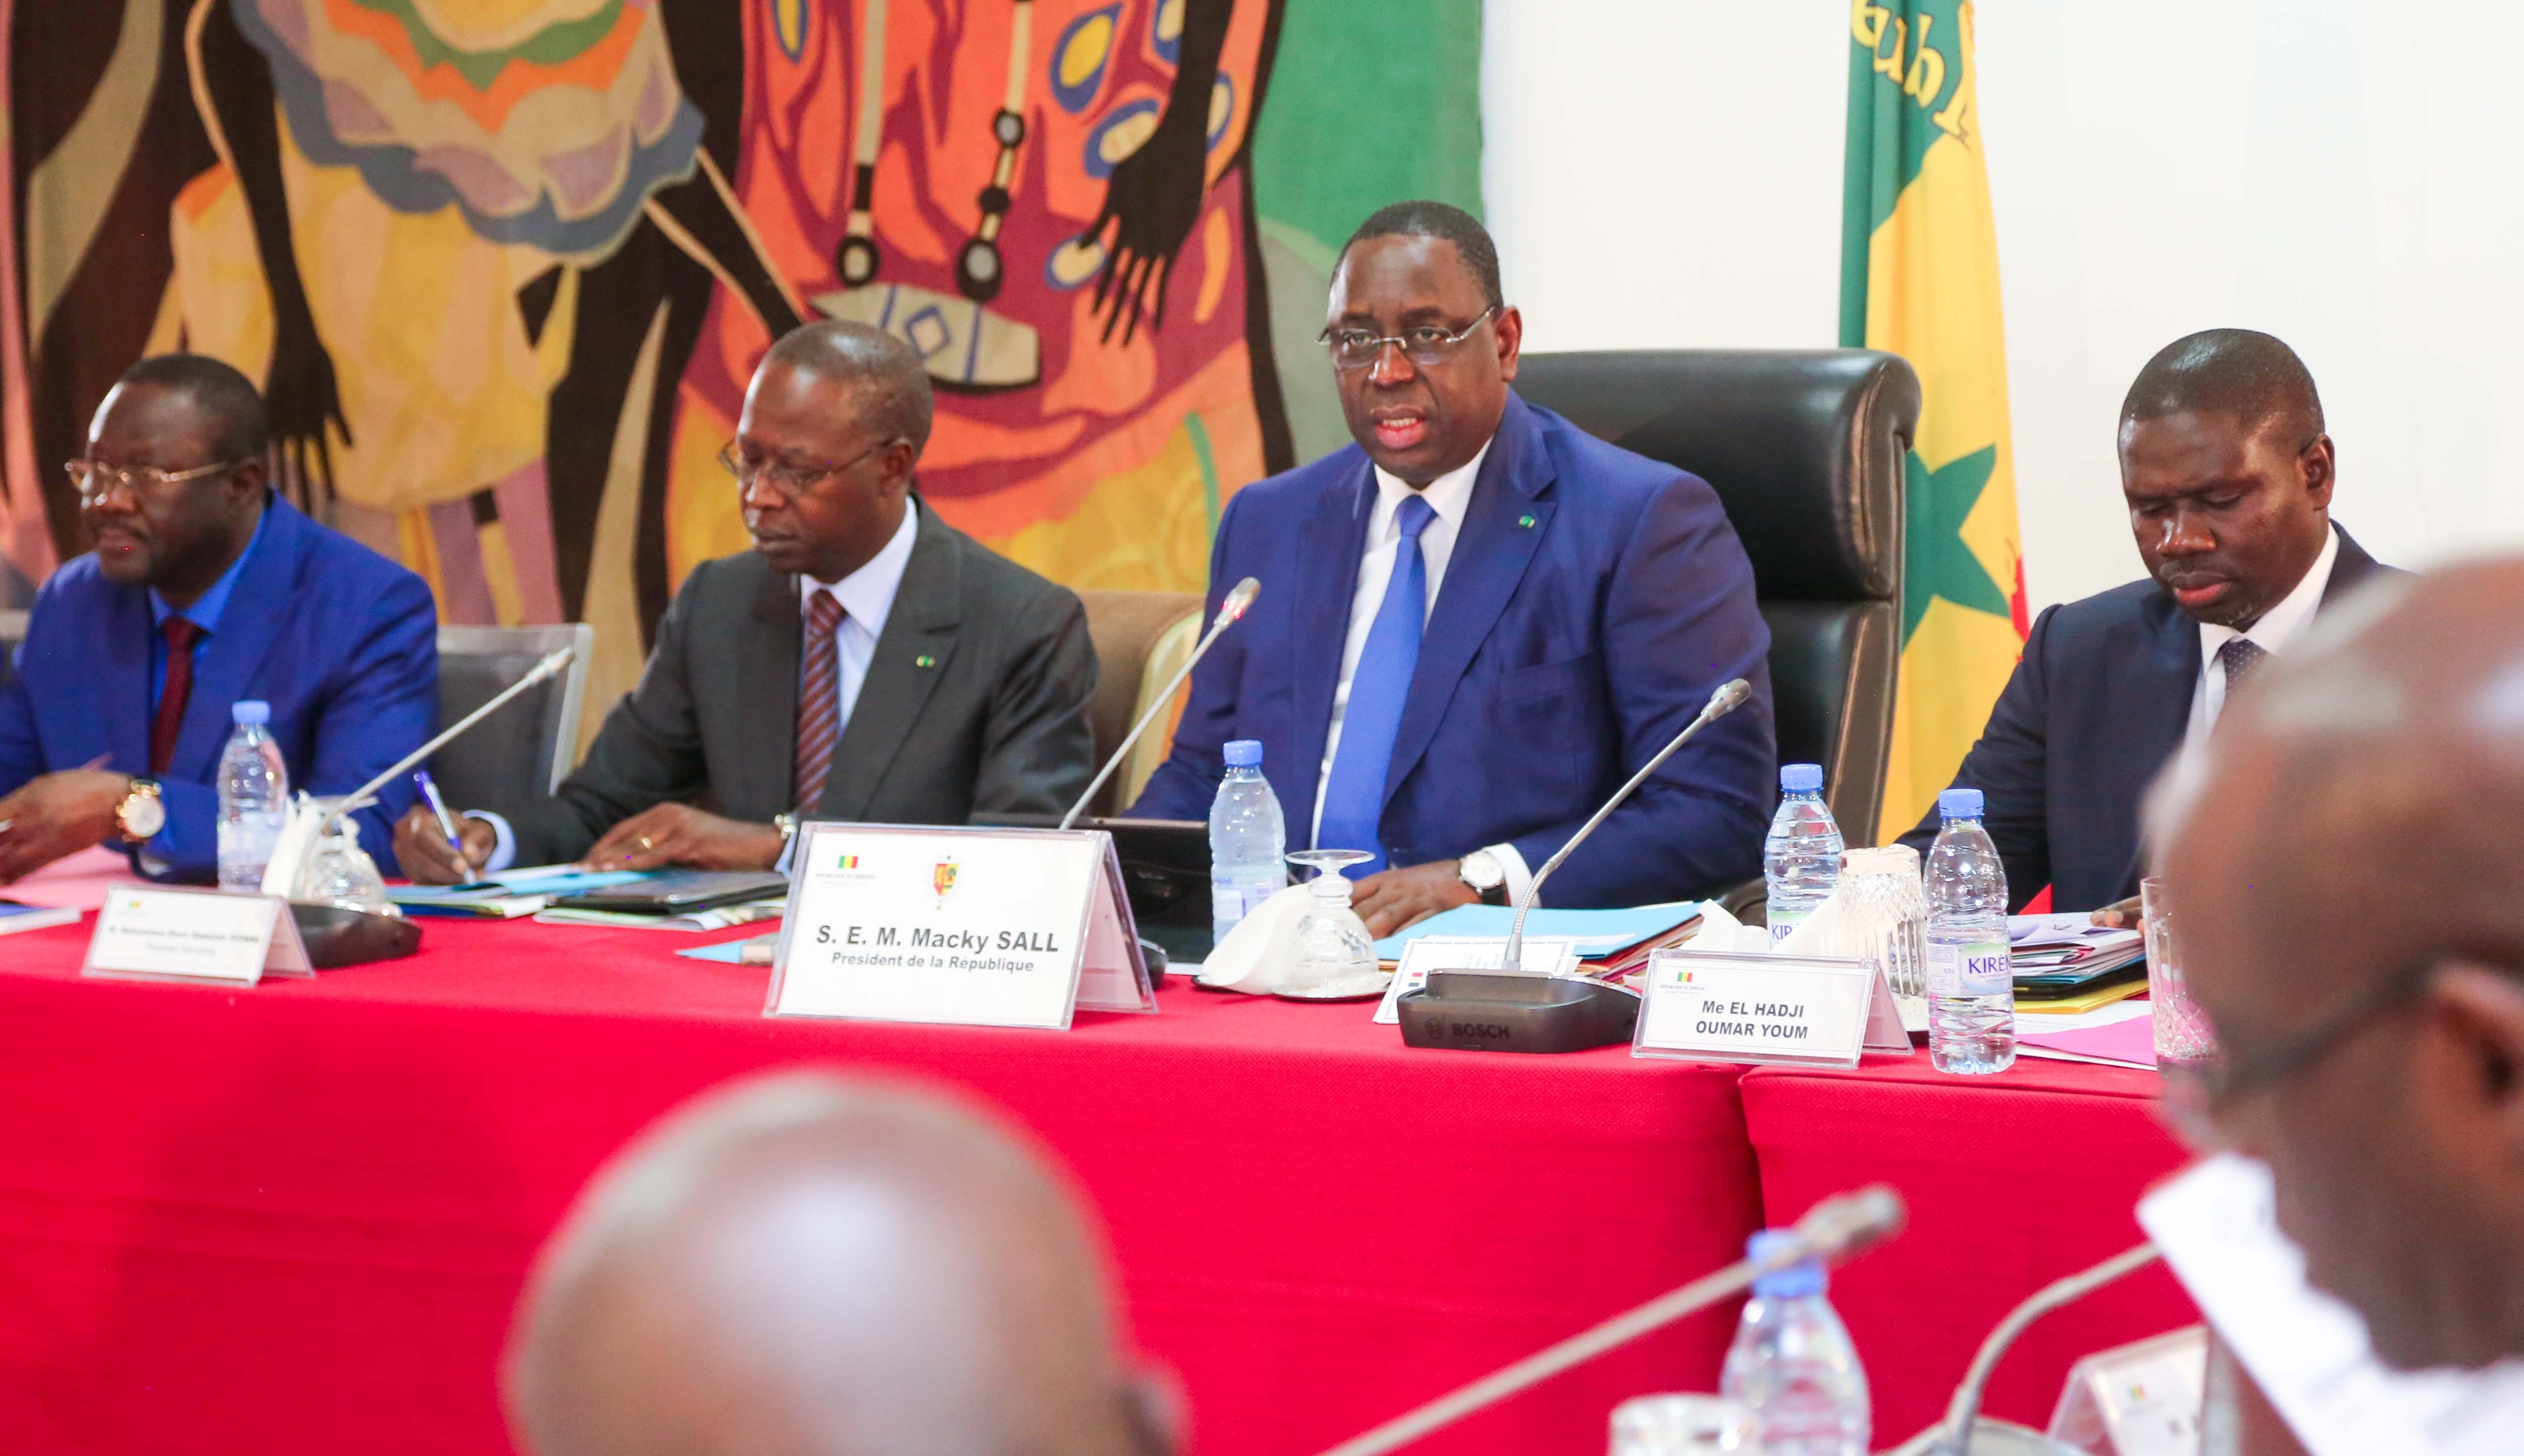 Le Communiqué du Conseil des ministres du 30 mars 2016